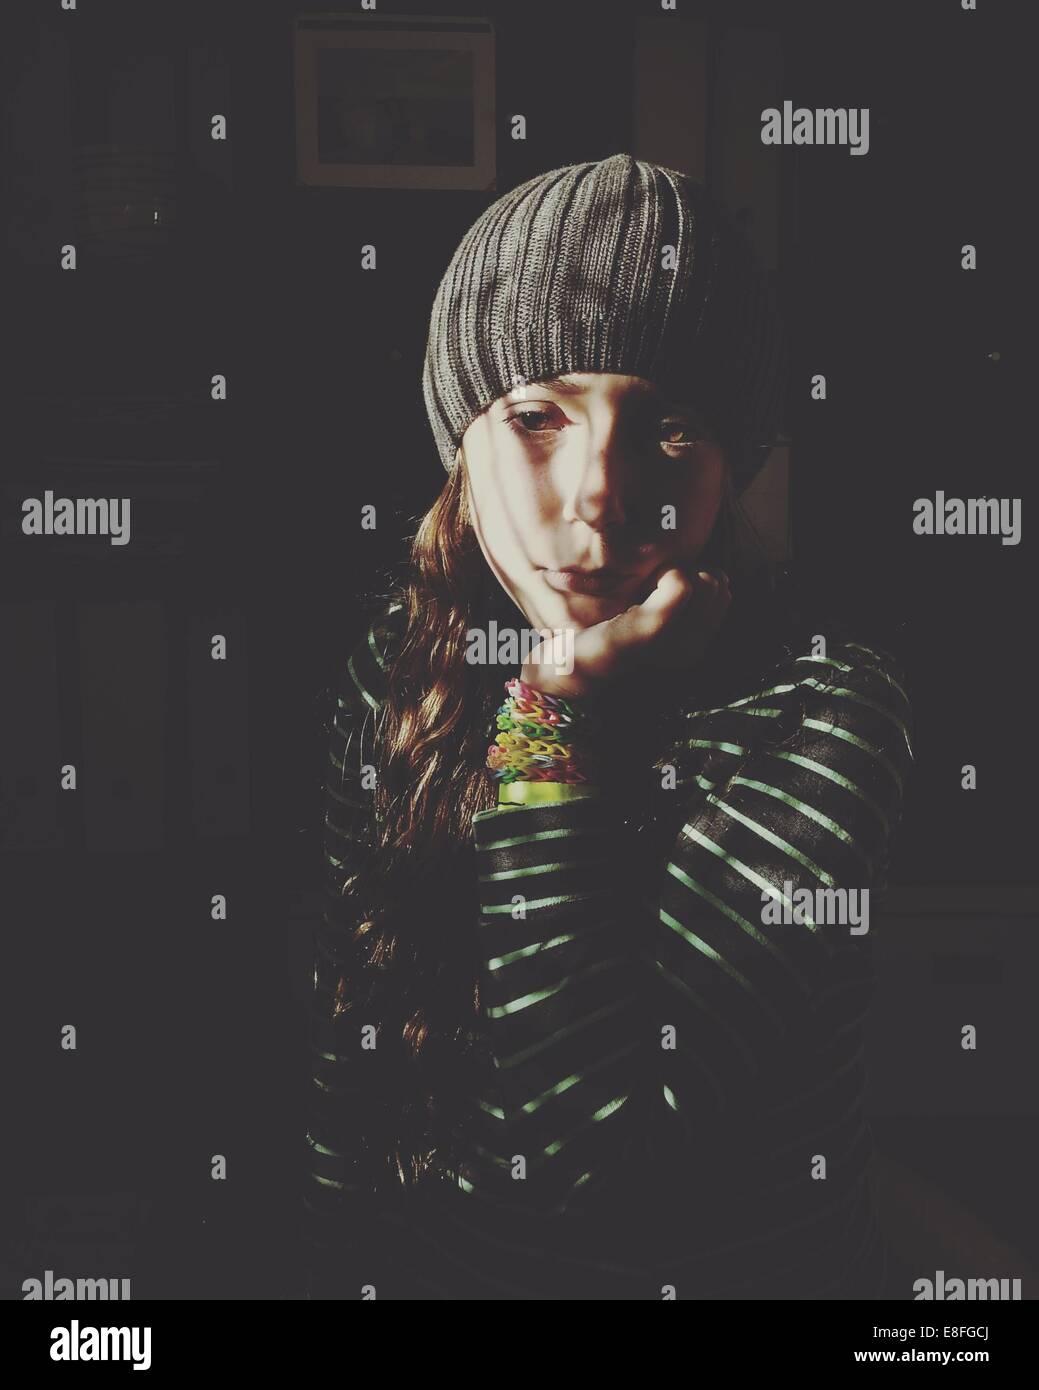 Ritratto di ragazza seduta in ombre Immagini Stock